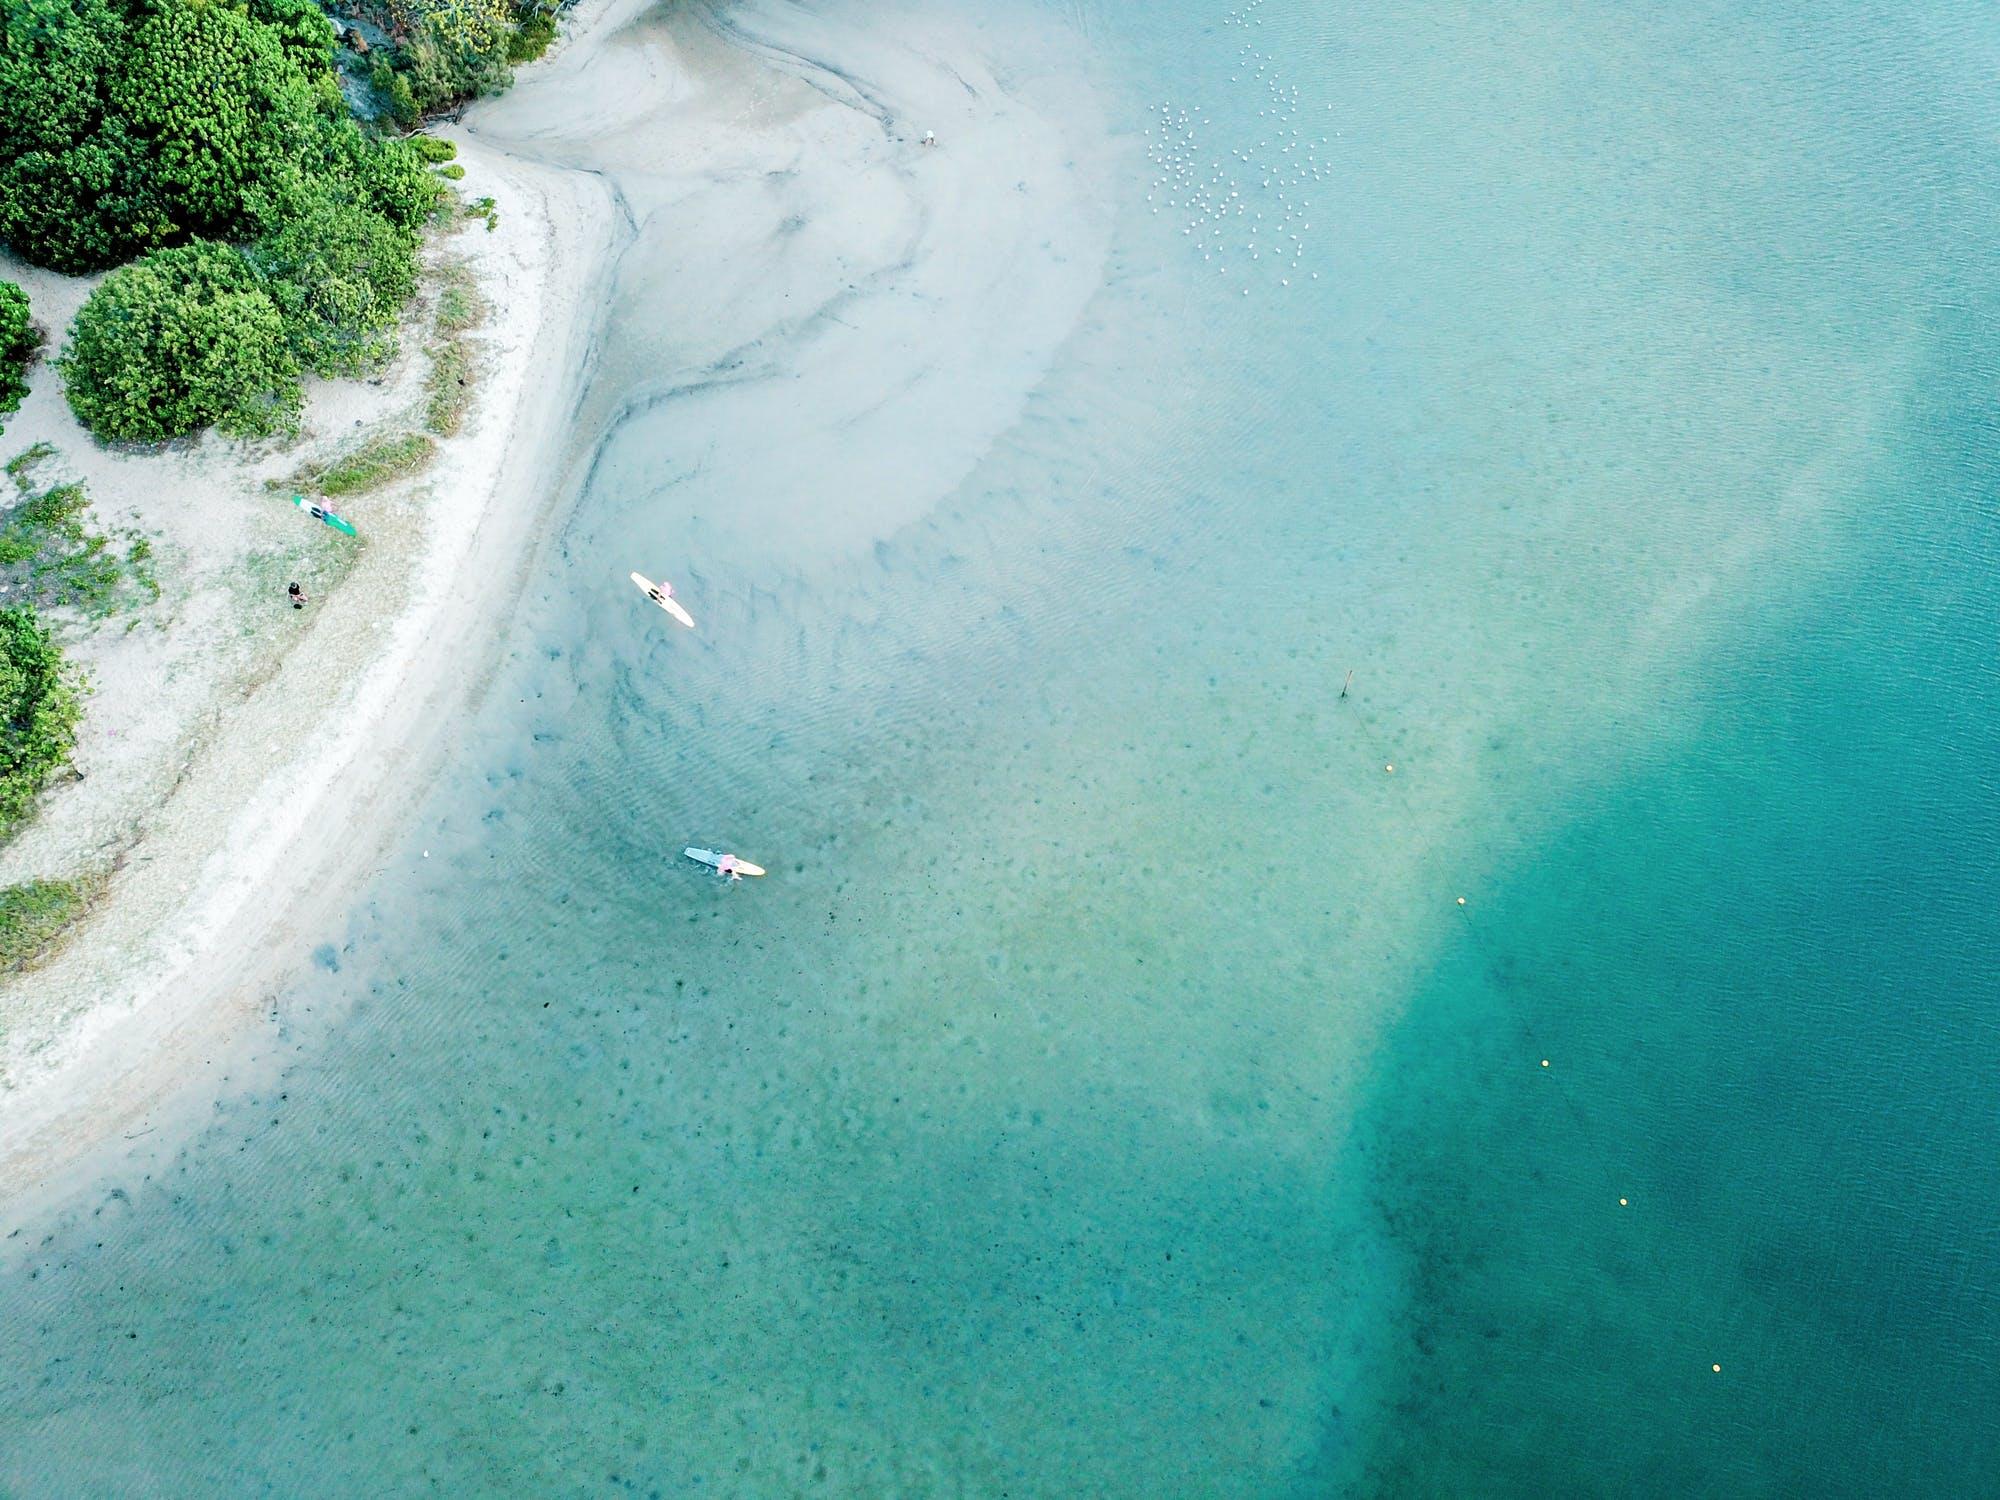 ทำไมทะเล ถึงช่วยเยียวยาจิตใจของมนุษย์ได้